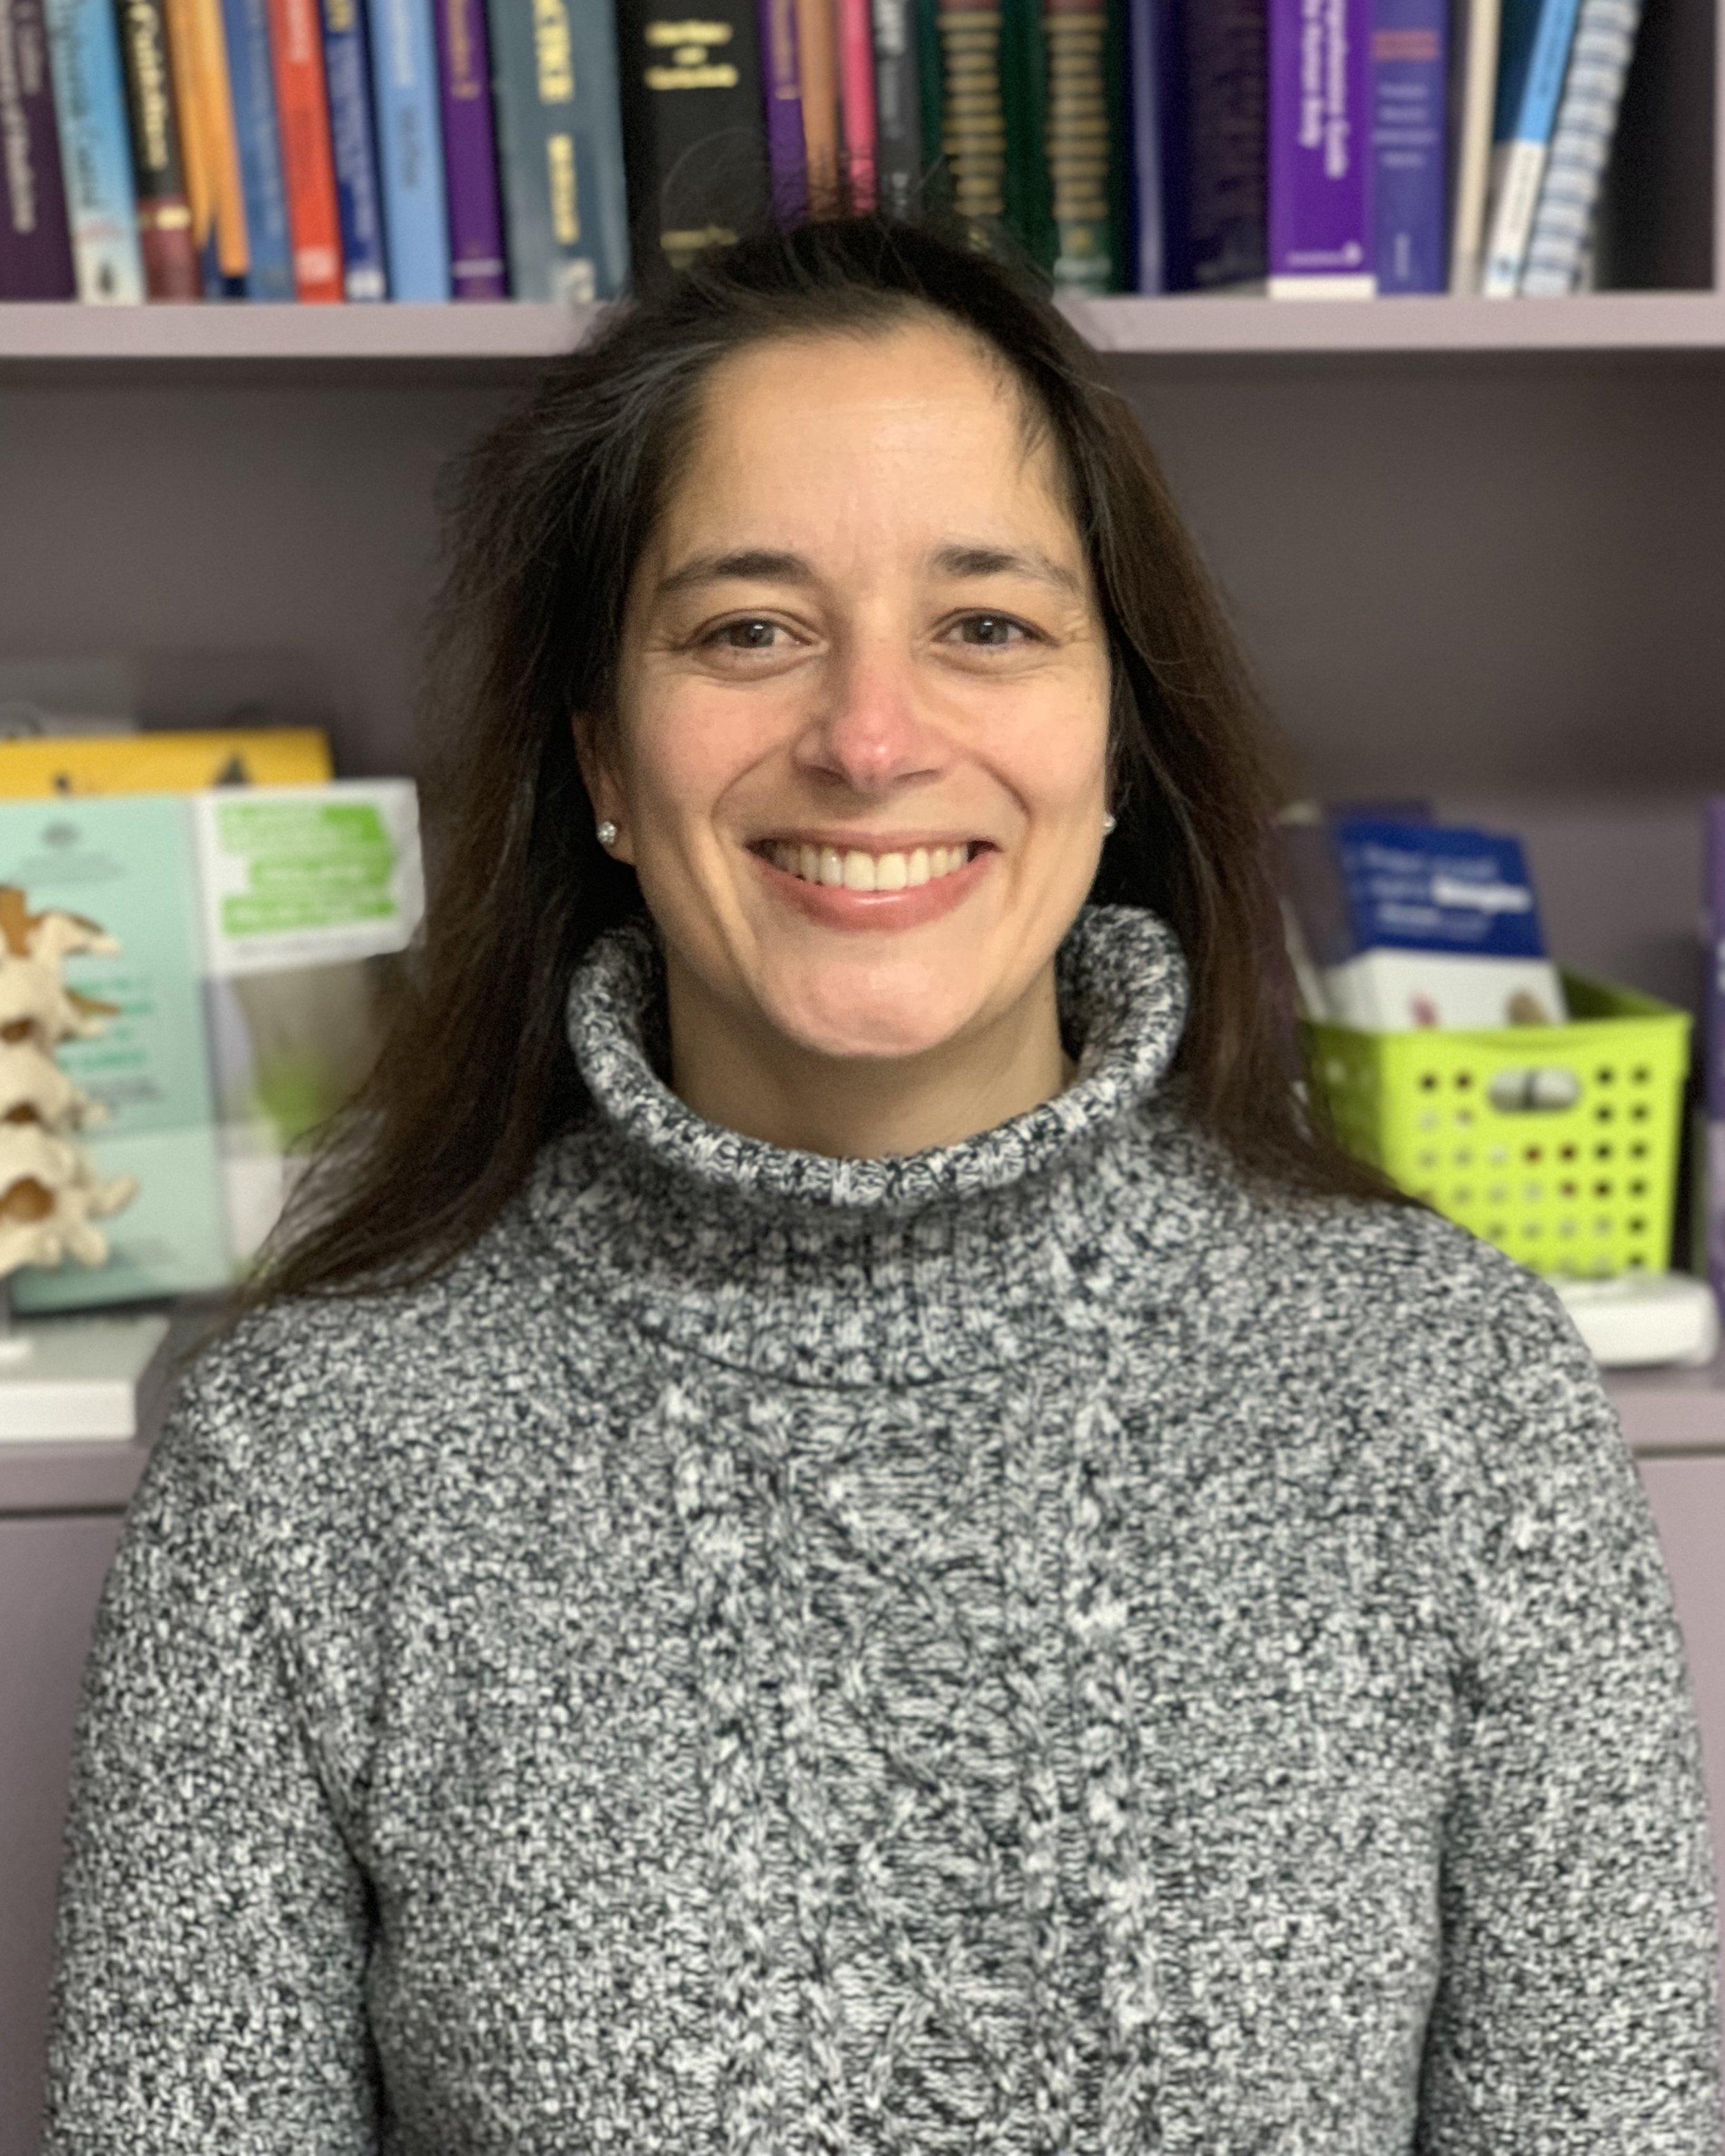 Dr. Carreen Jansen